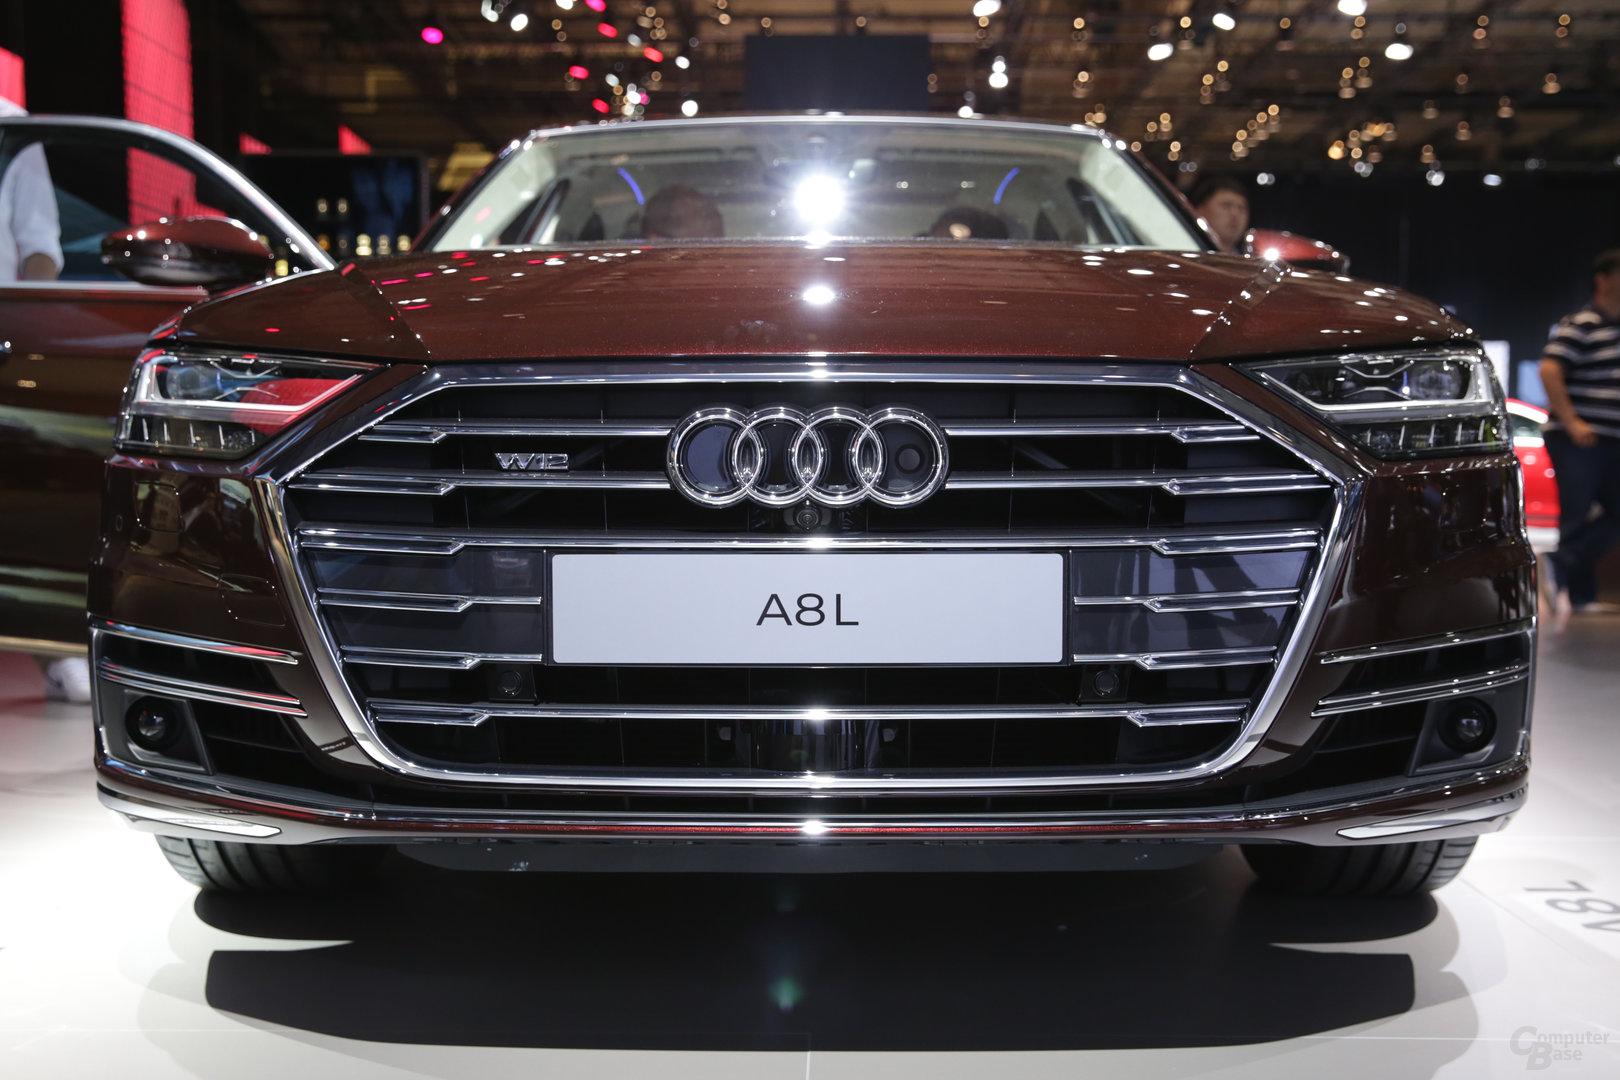 Audi A8: Front voller Sensorik